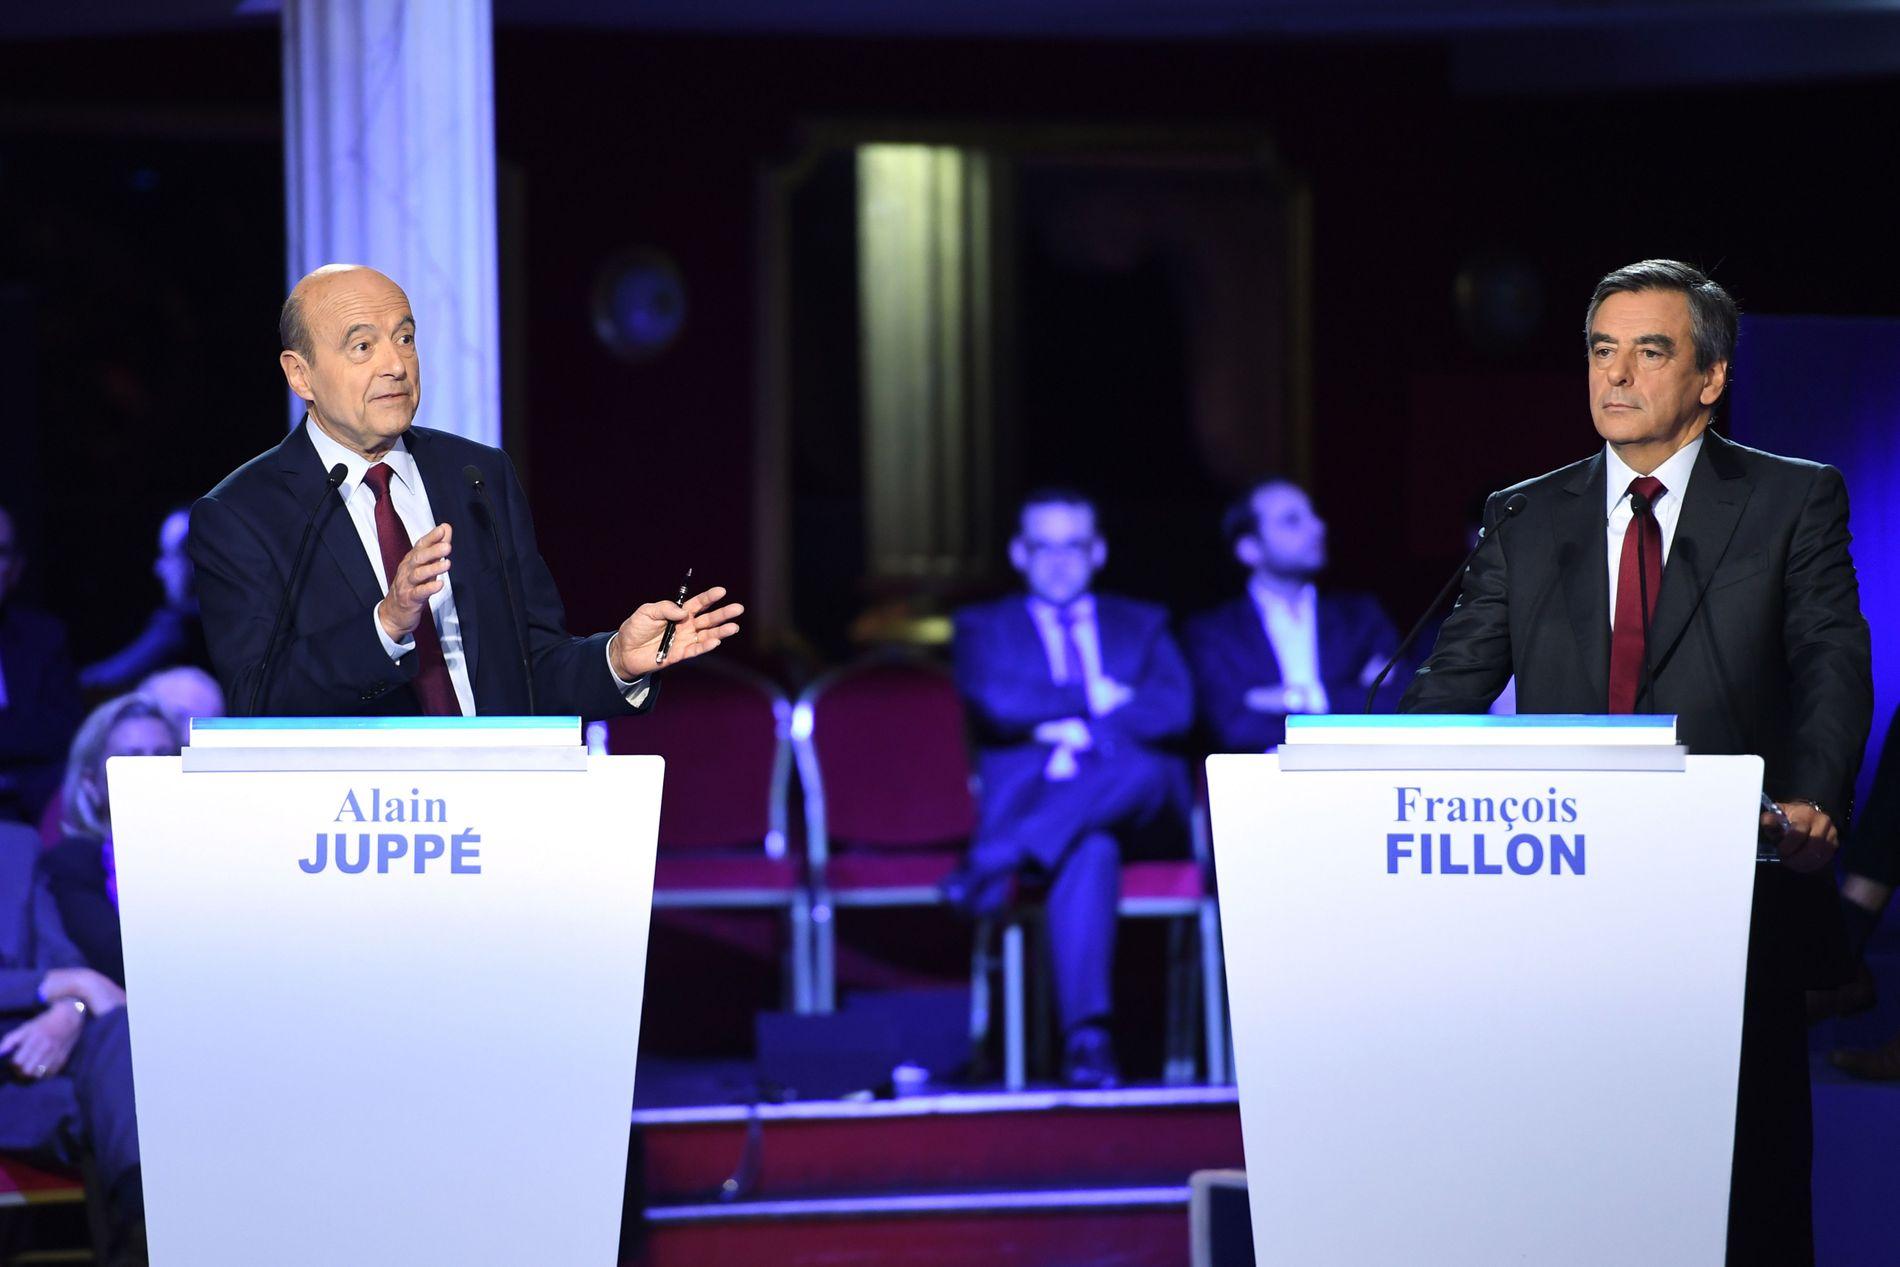 TO STATSMINISTRE: Alain Juppe (t.v.) og Francois Fillon har begge ledet regjeringer i Frankrike.